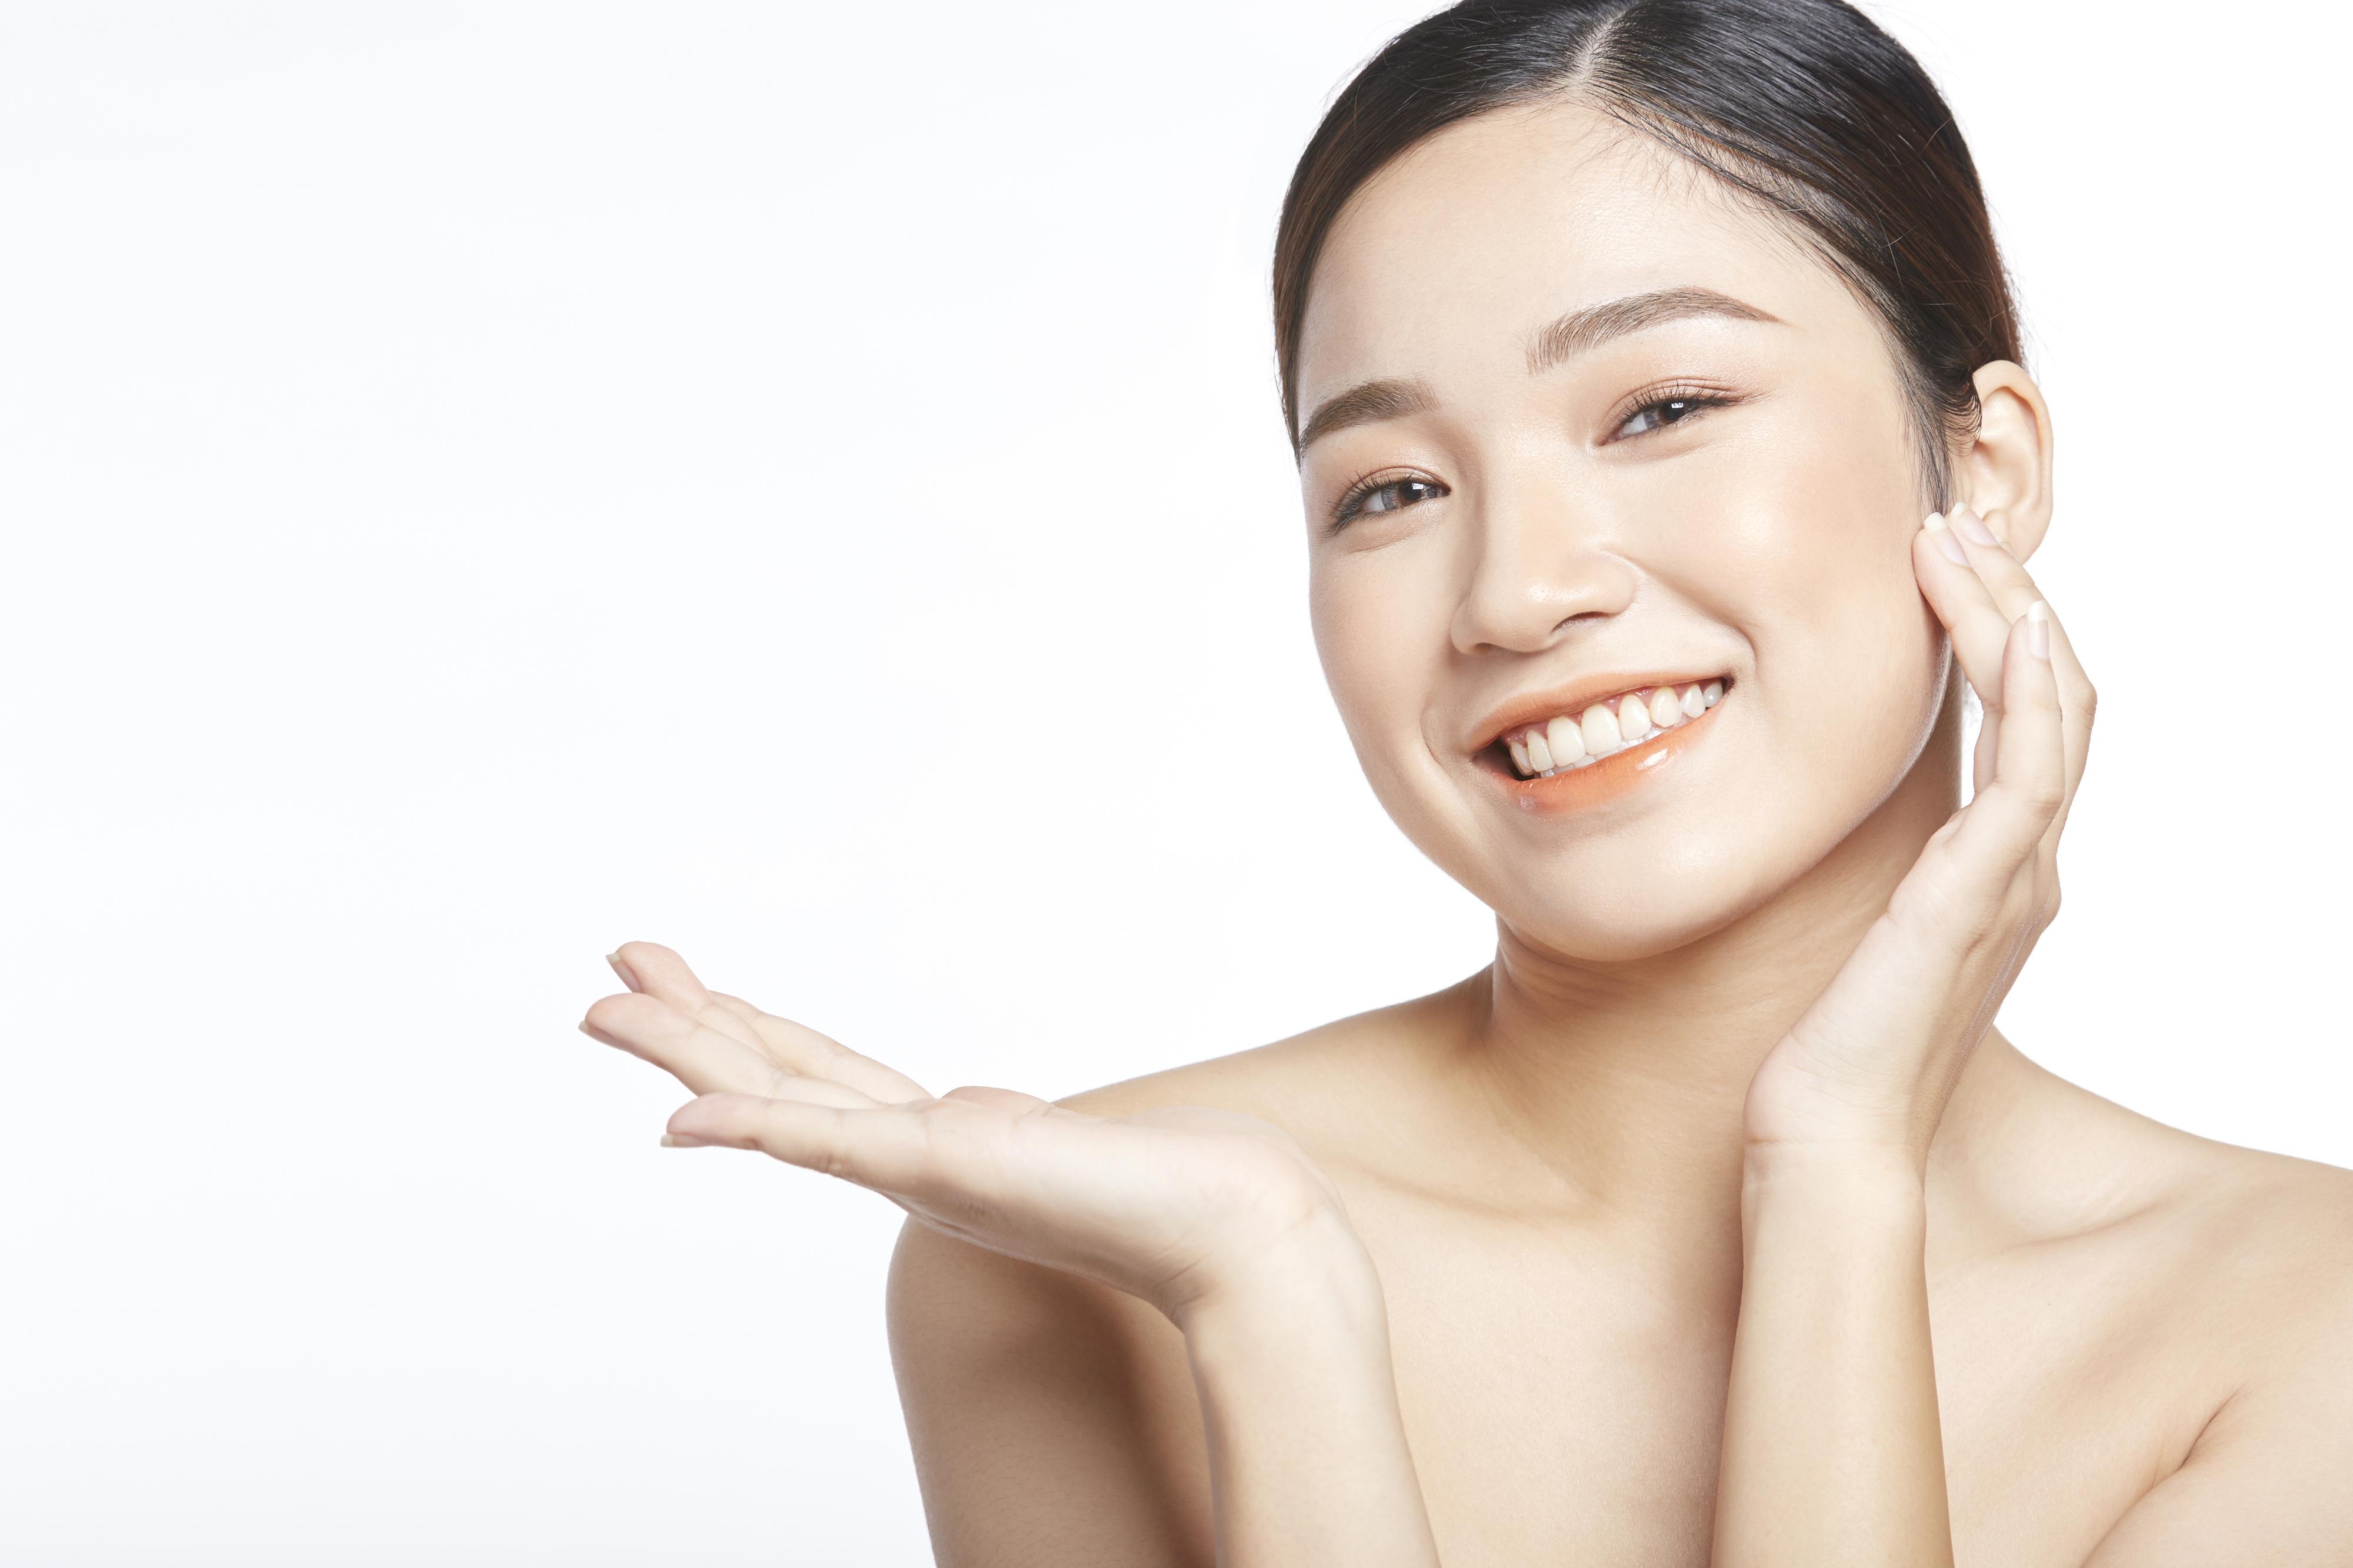 【今話題の化粧品!】ダチョウ抗体化粧品とは?ダチョウの美容効果をご紹介!